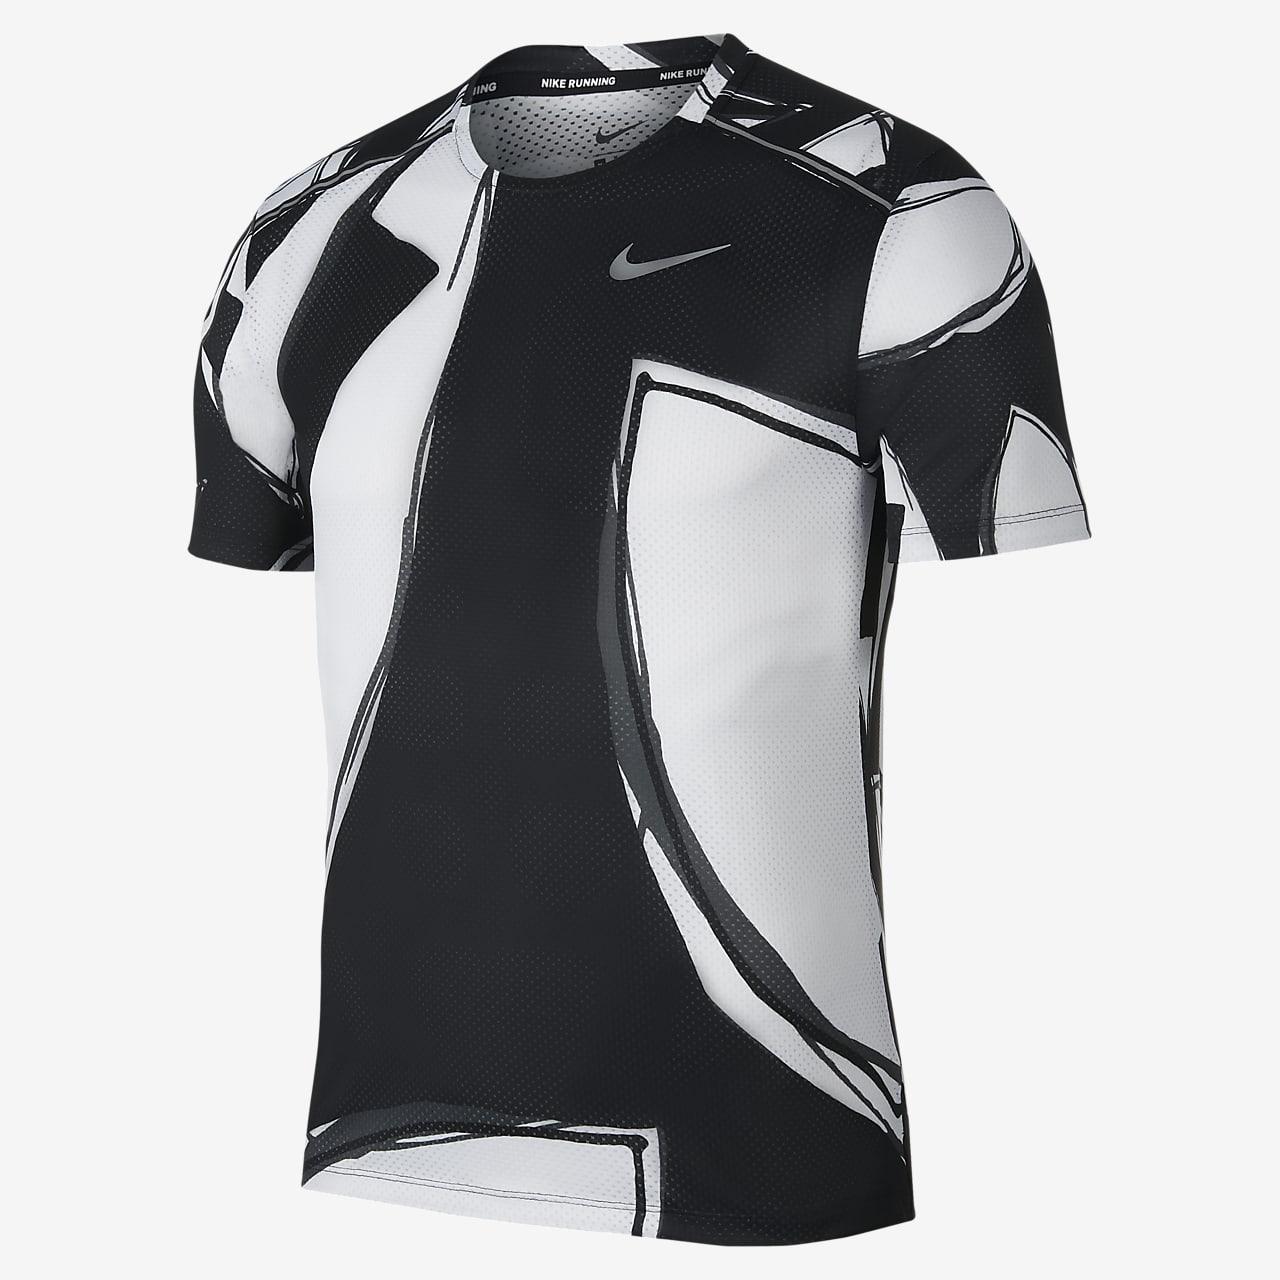 เสื้อวิ่งแขนสั้นผู้ชาย Nike Miler